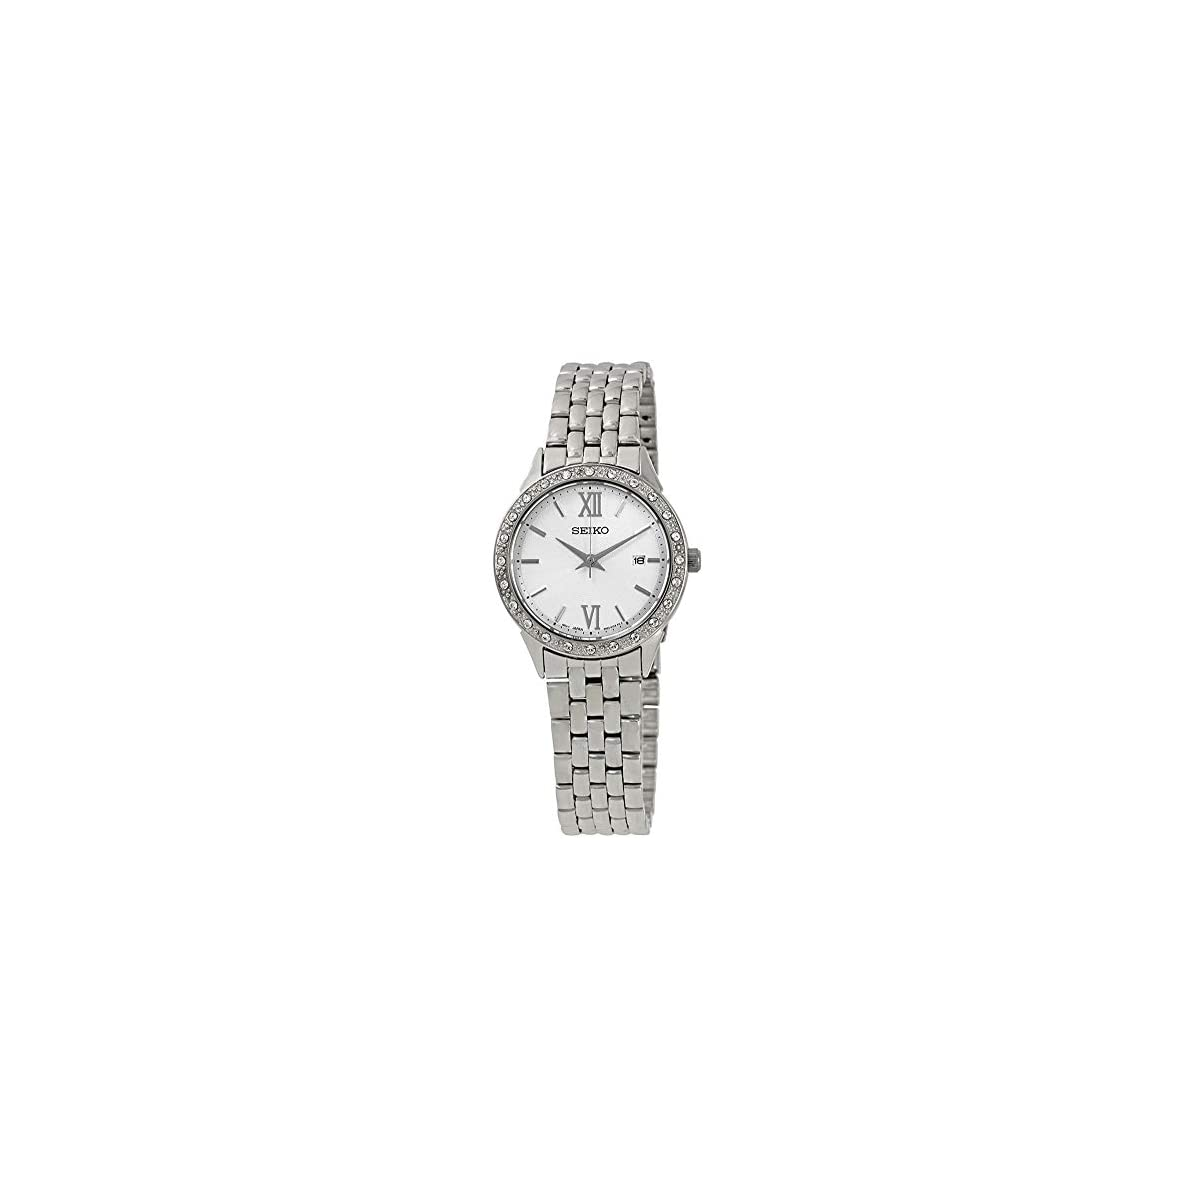 41NznzWFLpL. SS1200  - Seiko Reloj Analógico para Mujer de Cuarzo con Correa en Acero Inoxidable SUR695P1